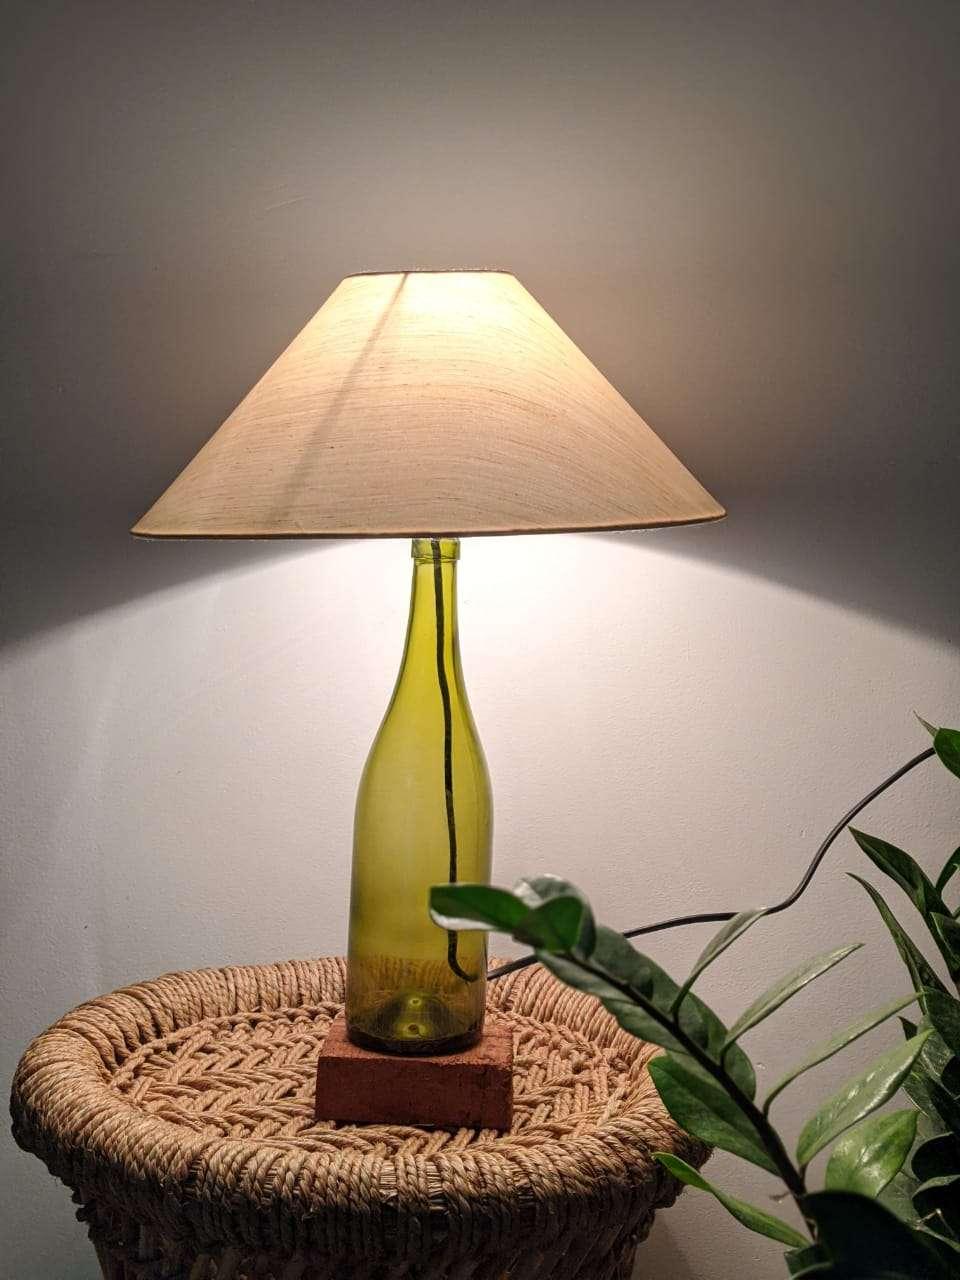 Upcycled bottle lamp